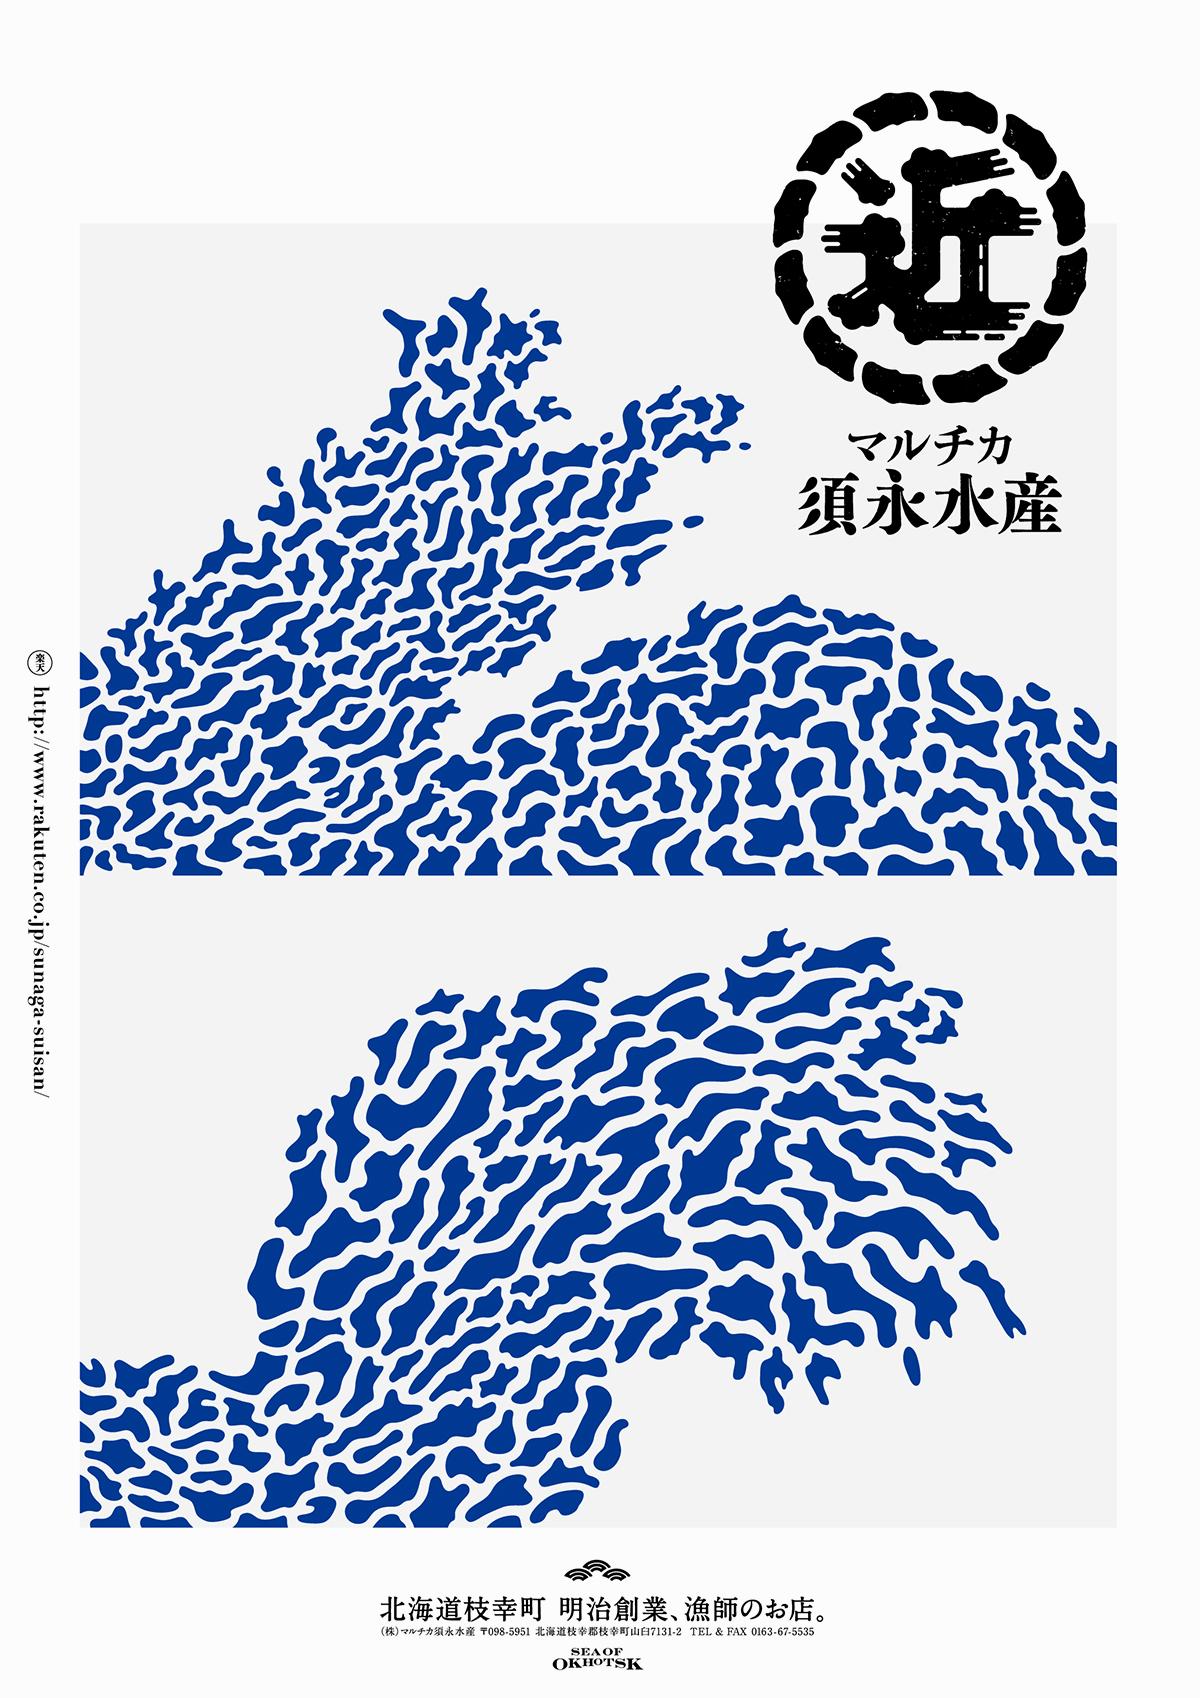 マルチカ須永水産 | STUDIO WONDER